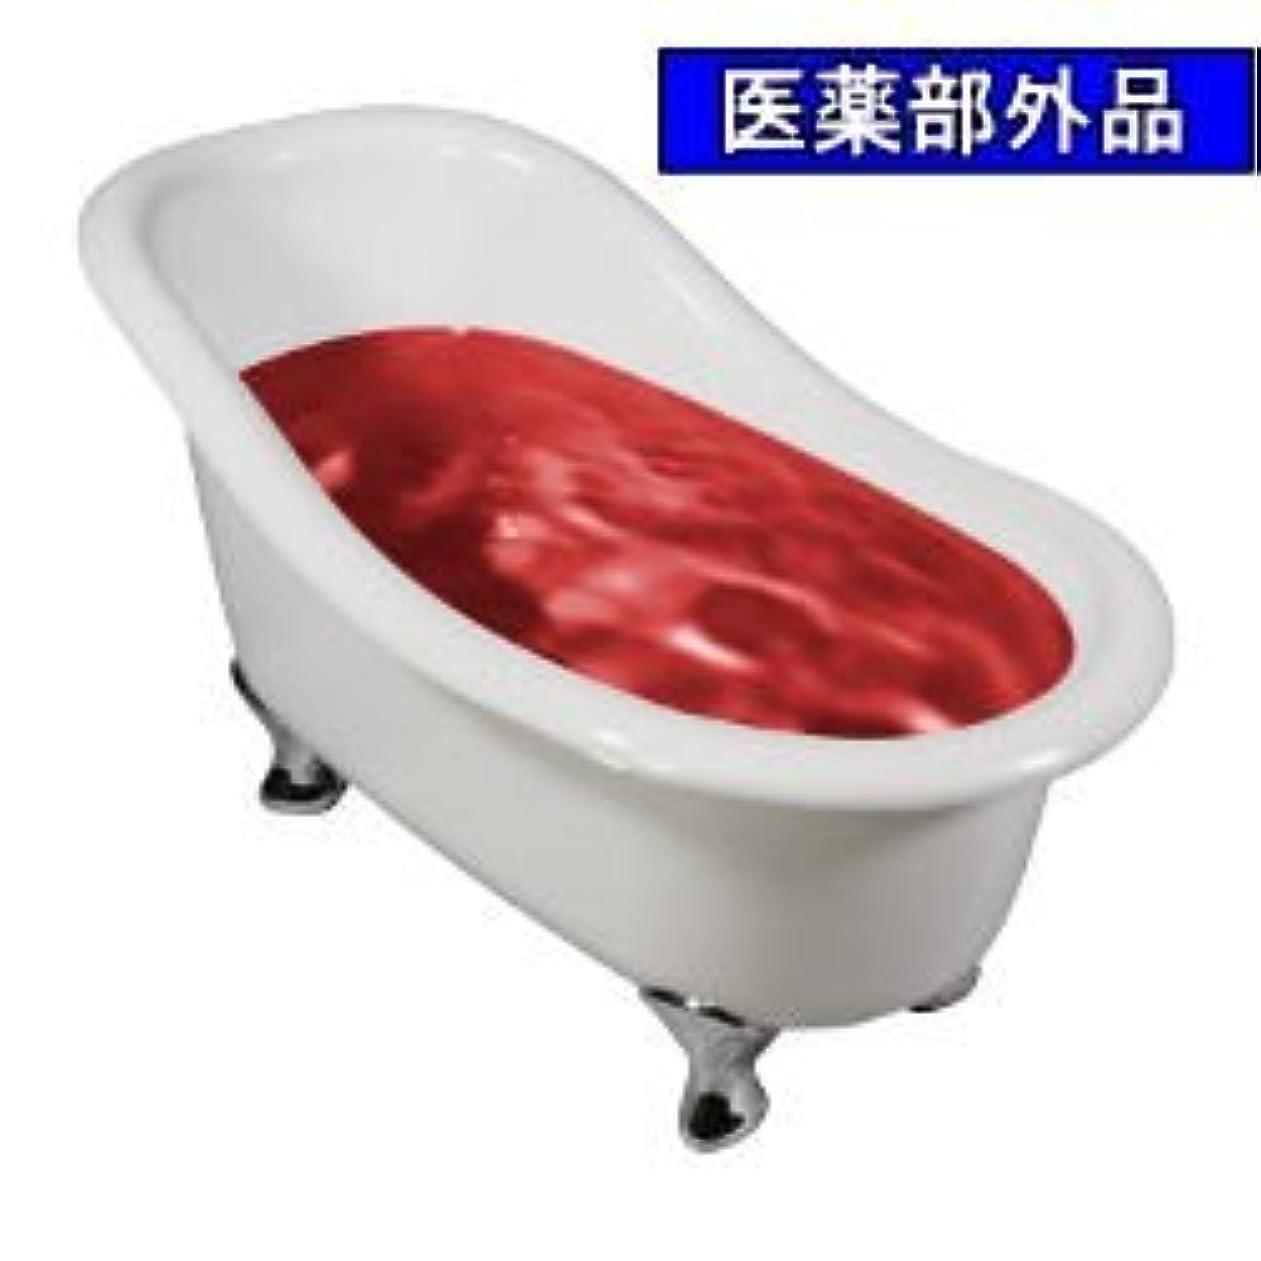 運命的な足枷添付業務用薬用入浴剤バスフレンド 生薬 17kg 医薬部外品